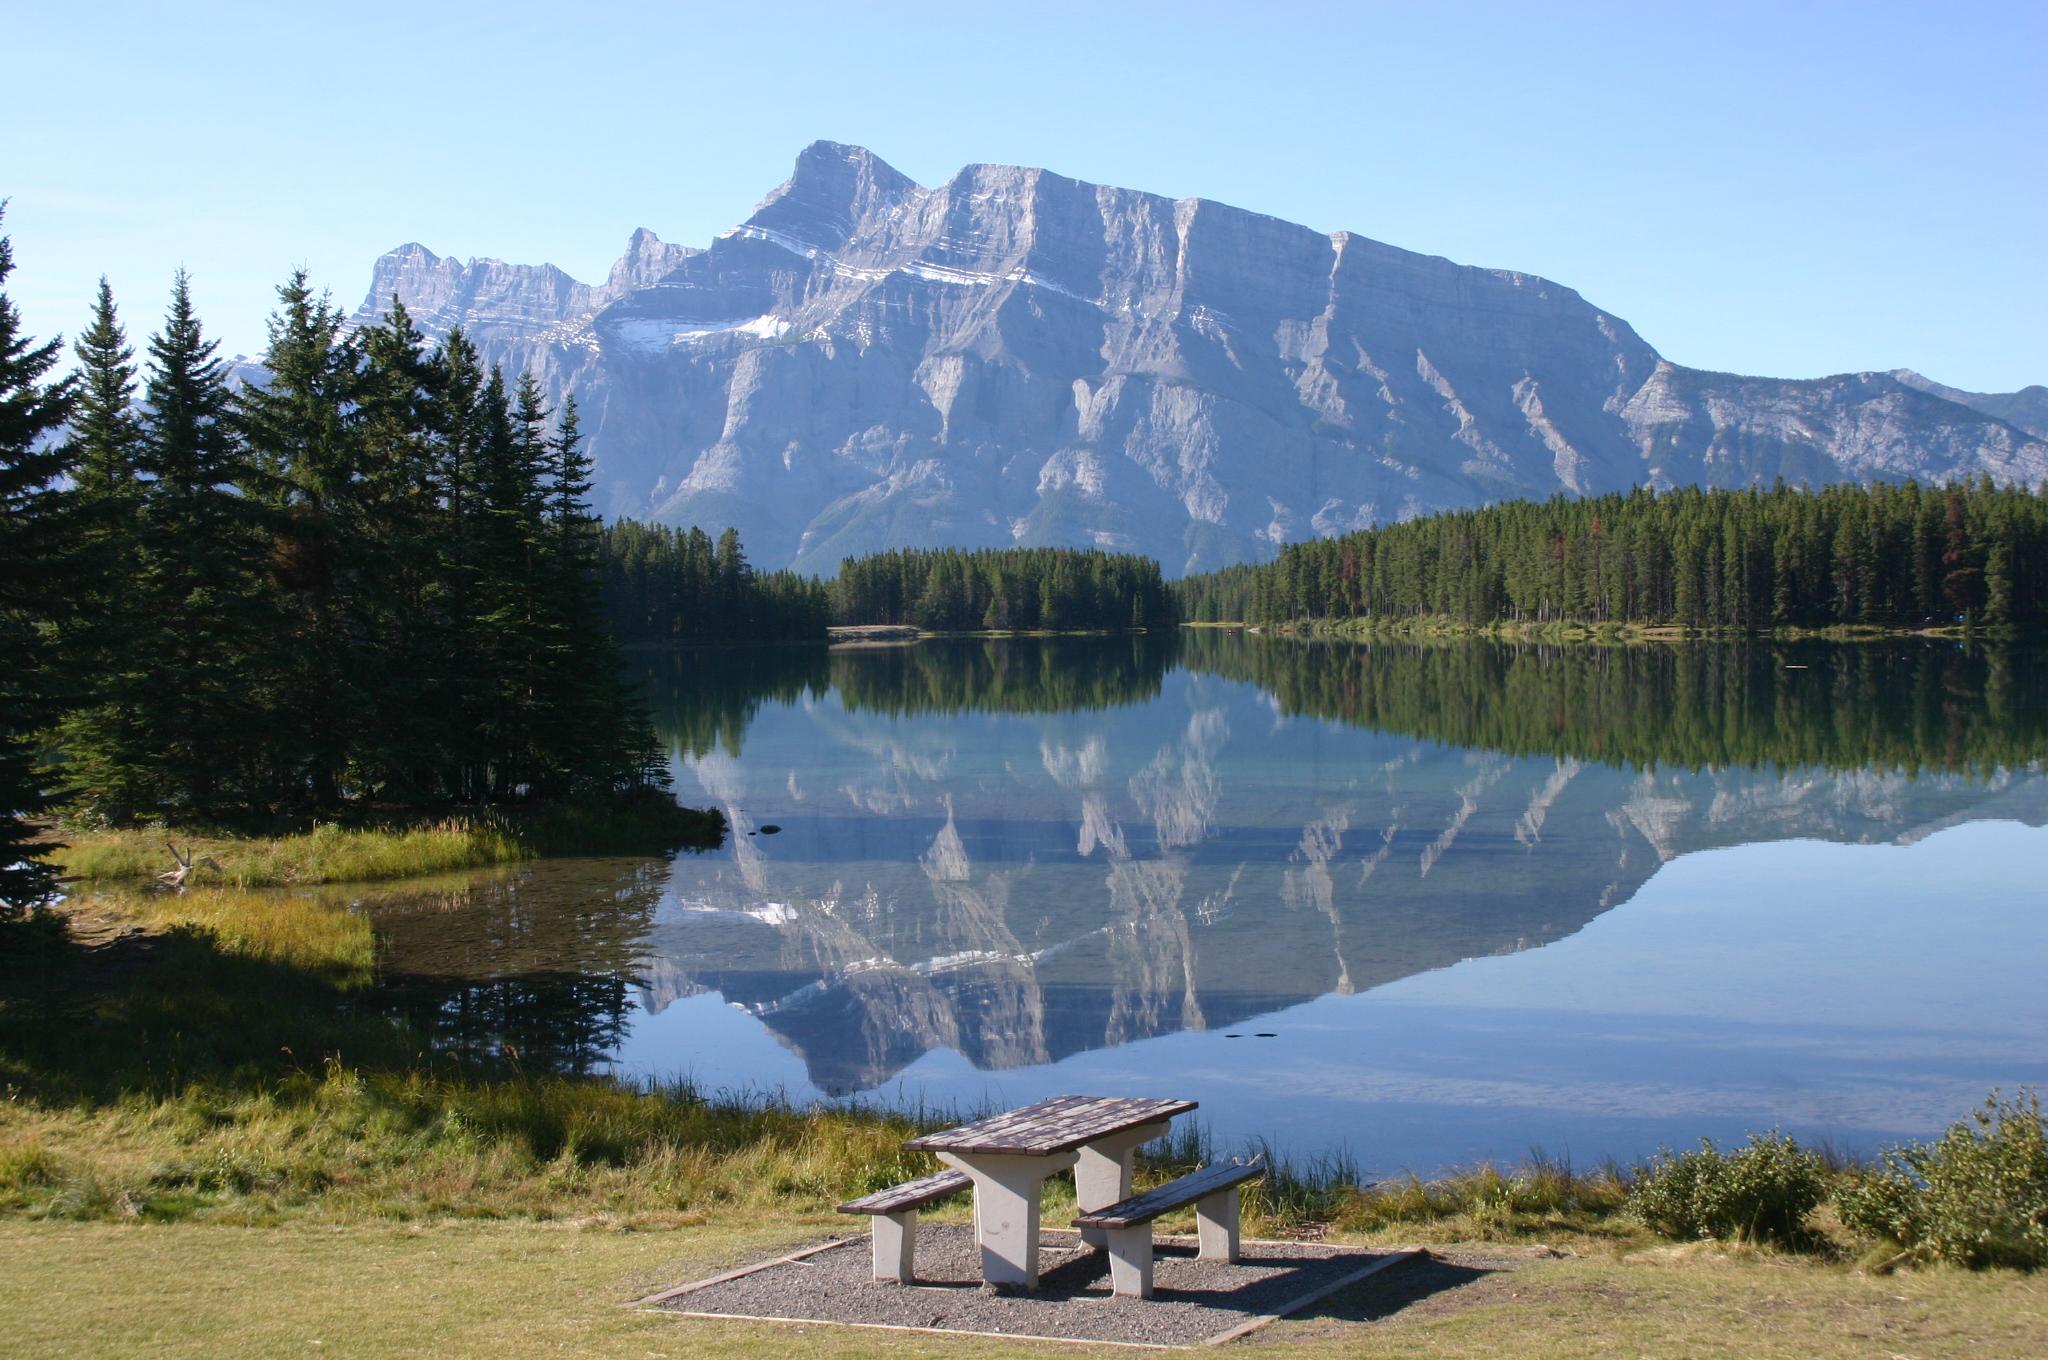 A lake reflection